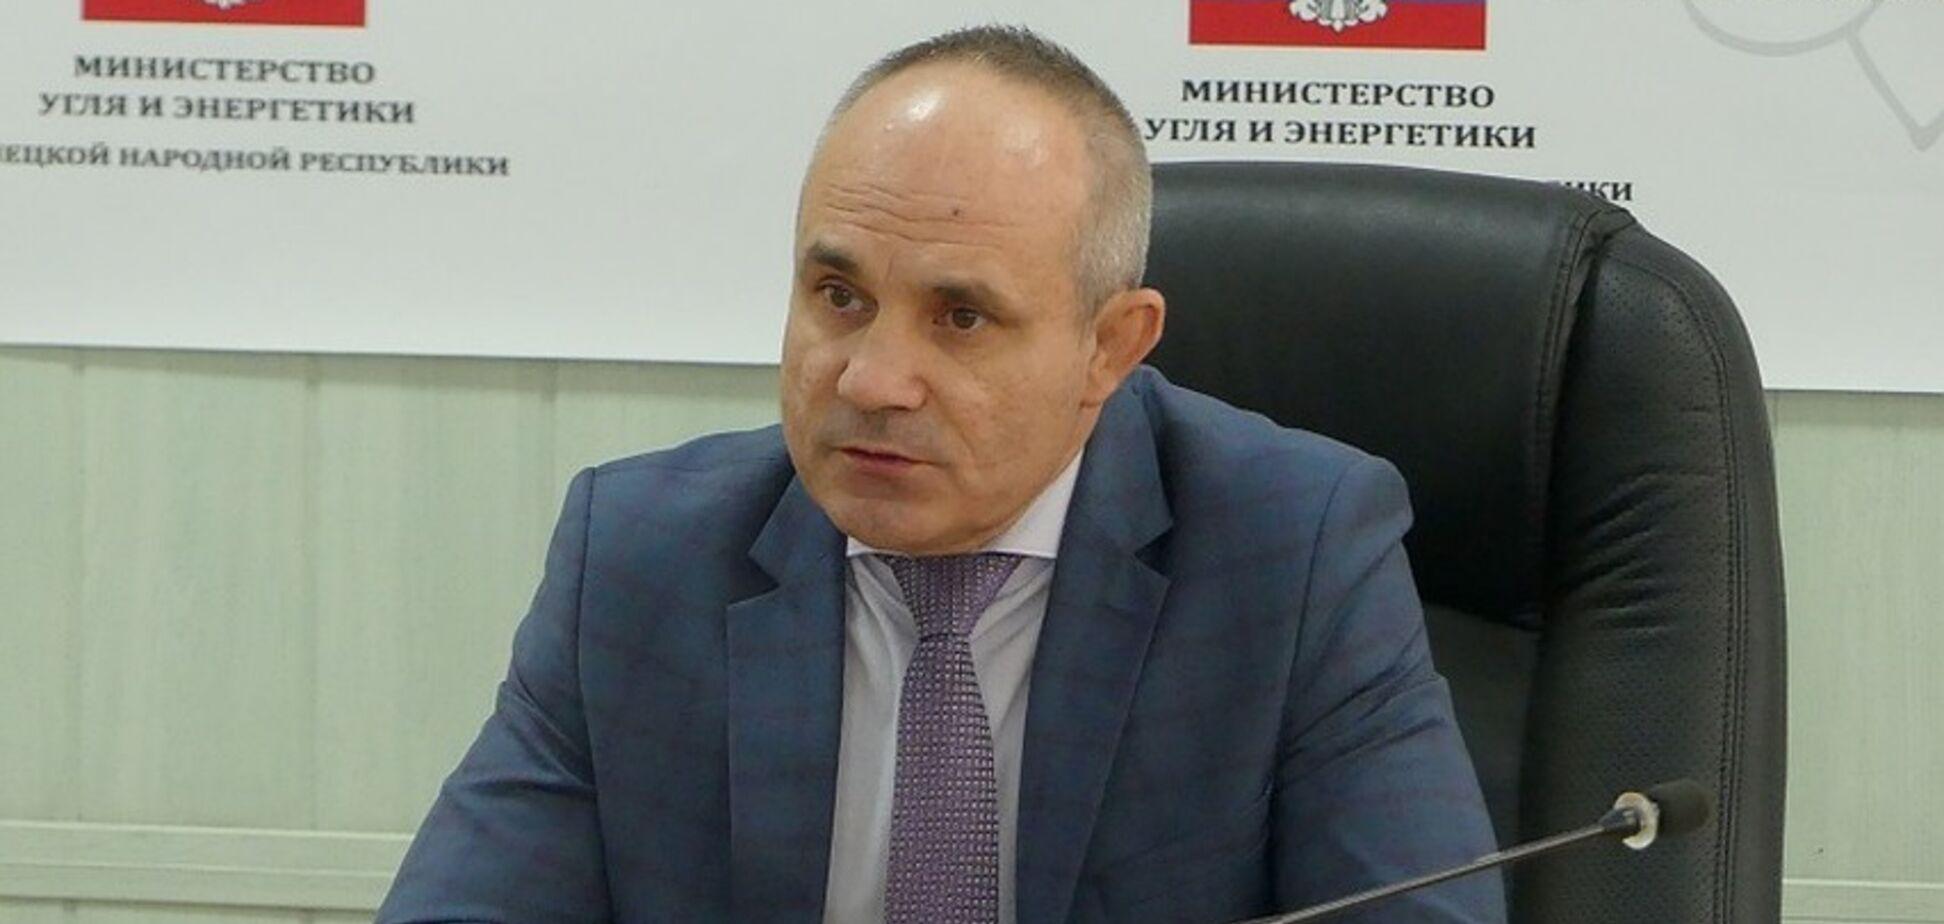 В 'ДНР' устроили 'чистки': задержан 'министр энергетики'